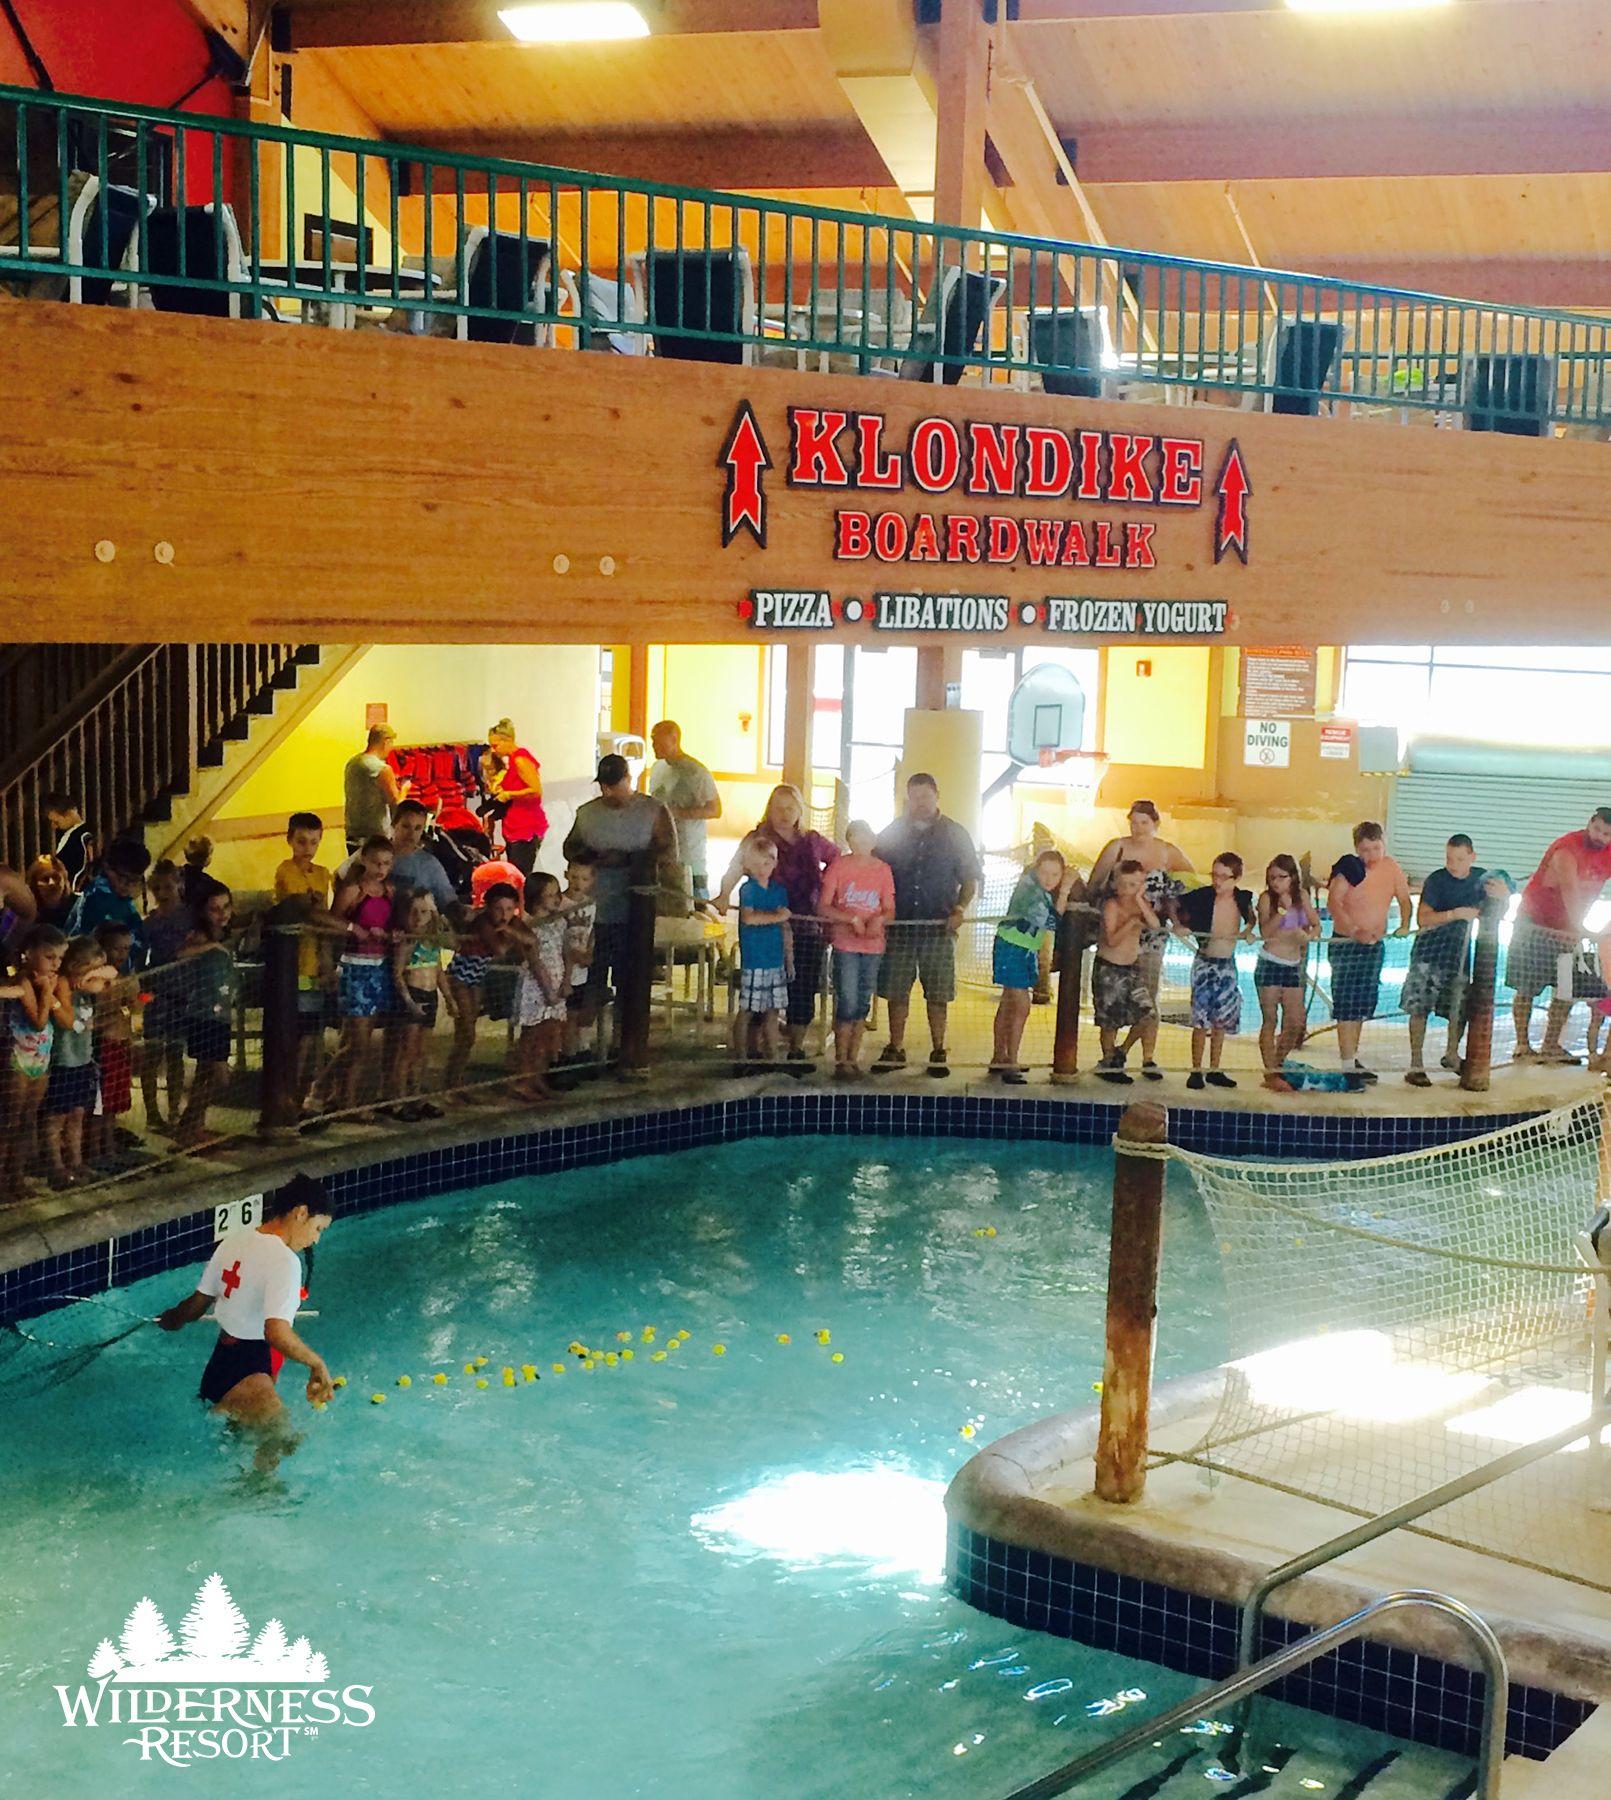 Ken Ducky Derby Duck Races Every Morning In The Klondike Kavern Waterpark Wilderness Resort Resorts In Wisconsin Wilderness Resort Wisconsin Dells